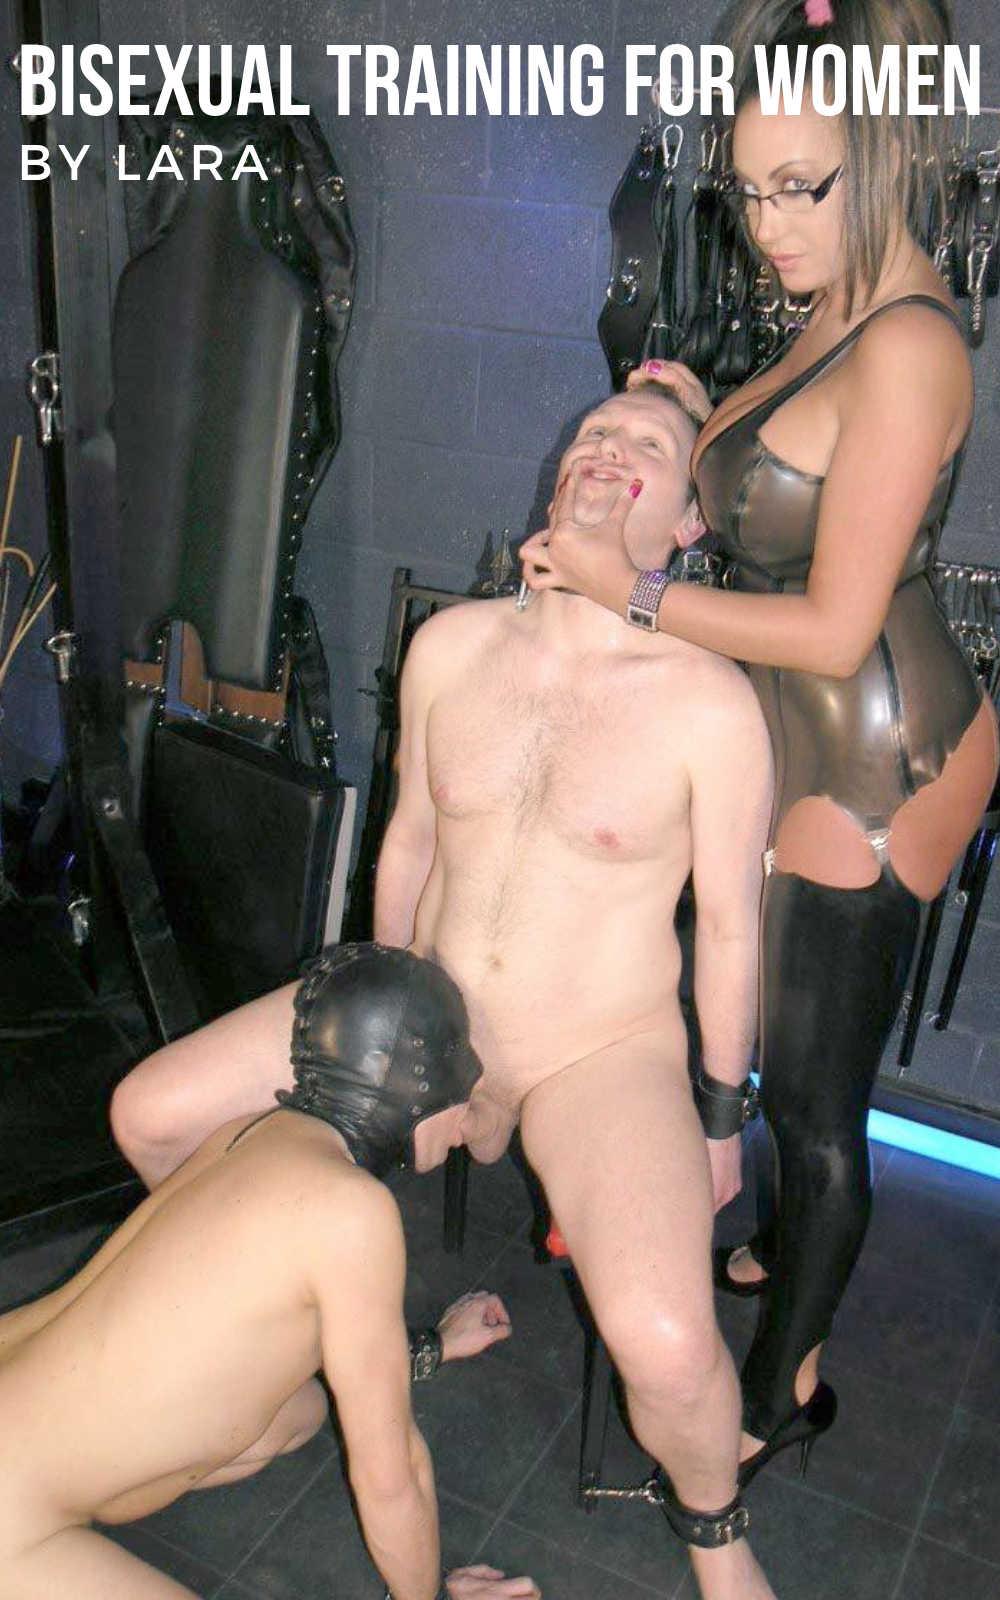 Bisexual Training